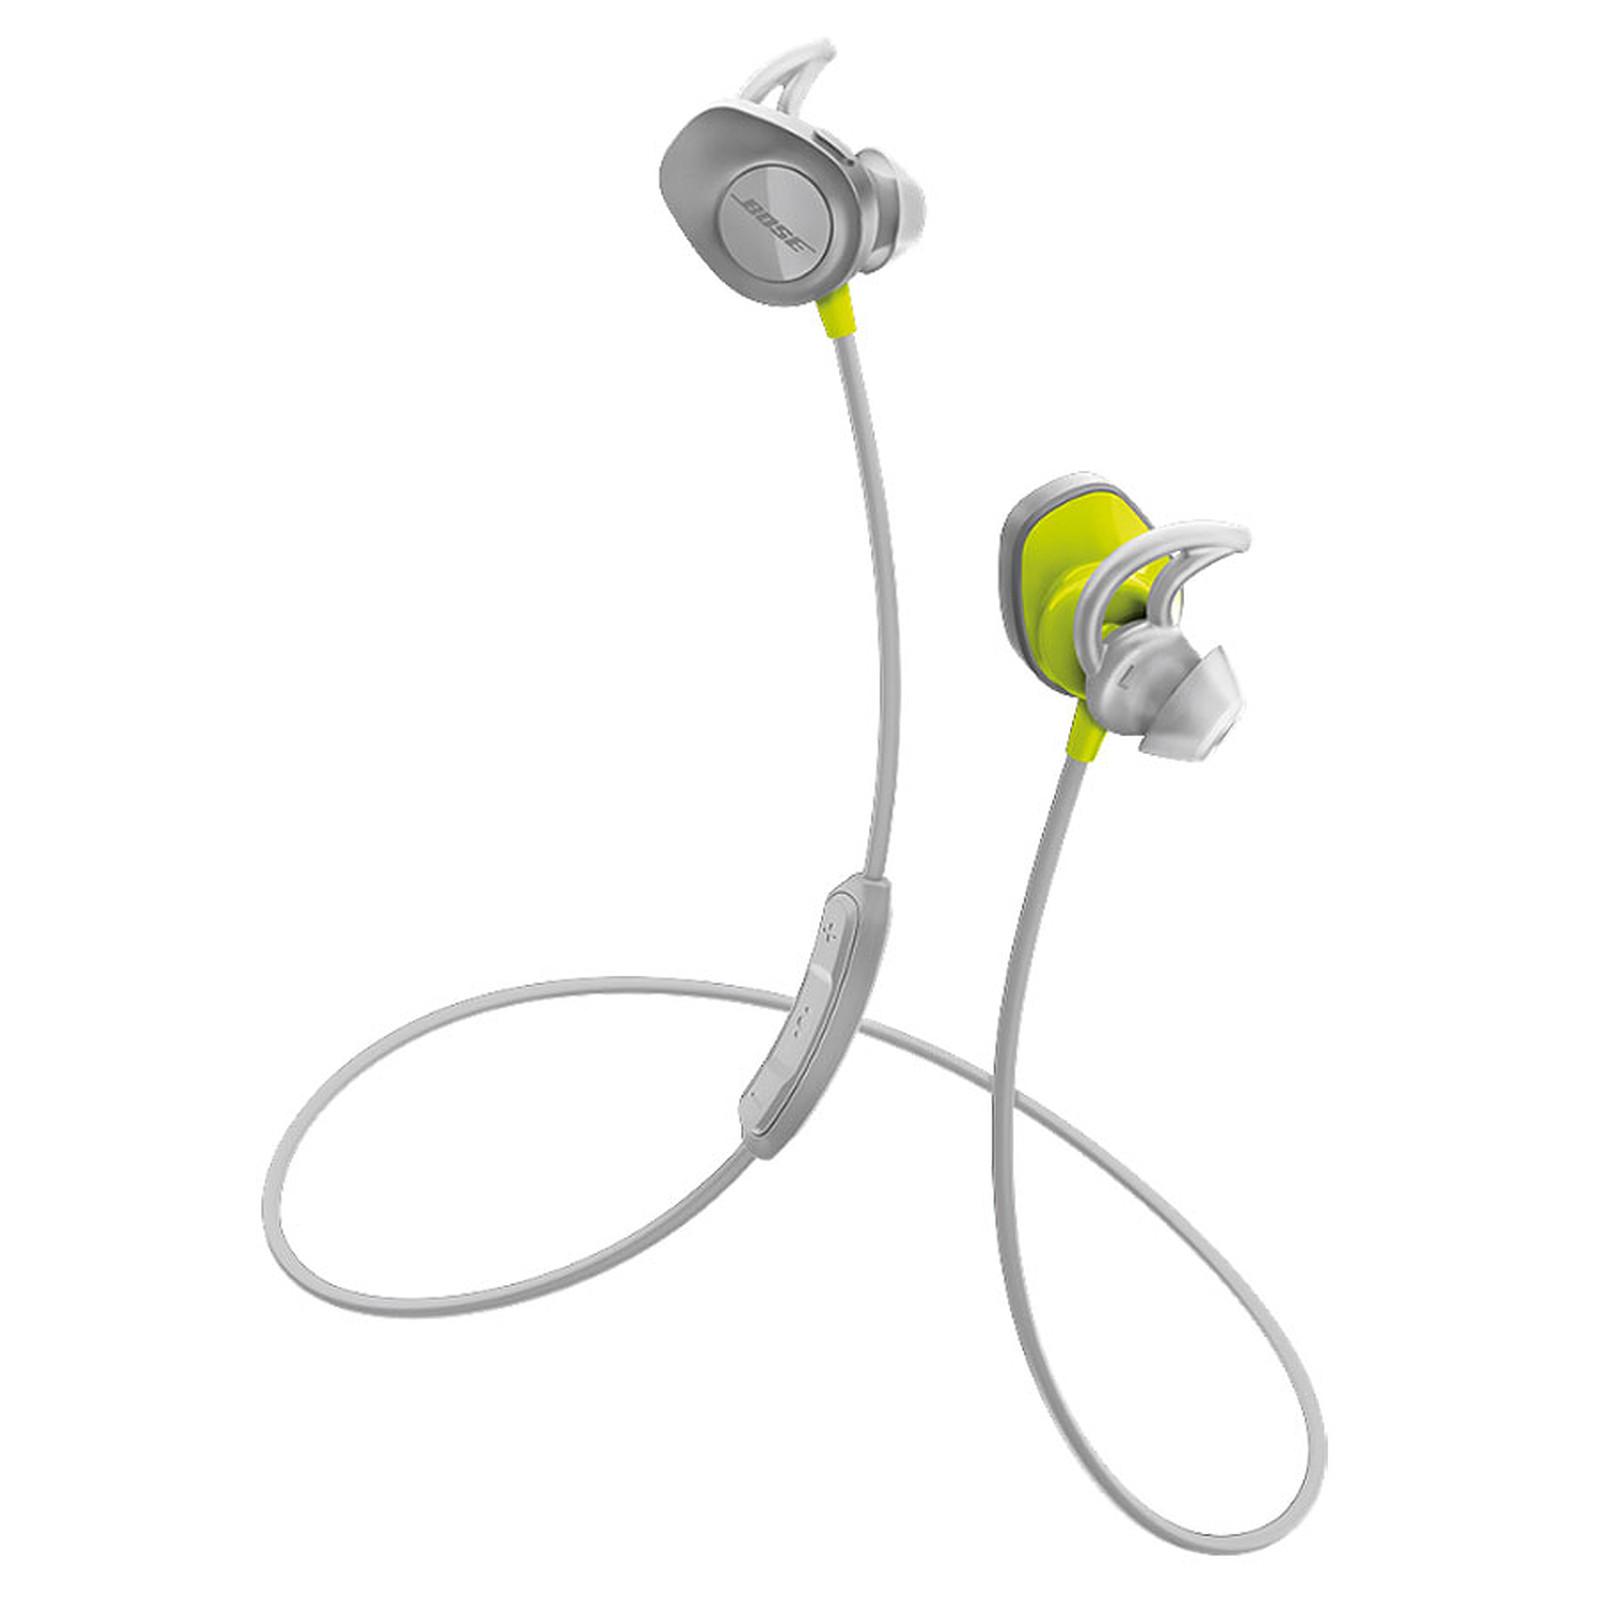 Bose SoundSport inalámbrico Amarillo limón